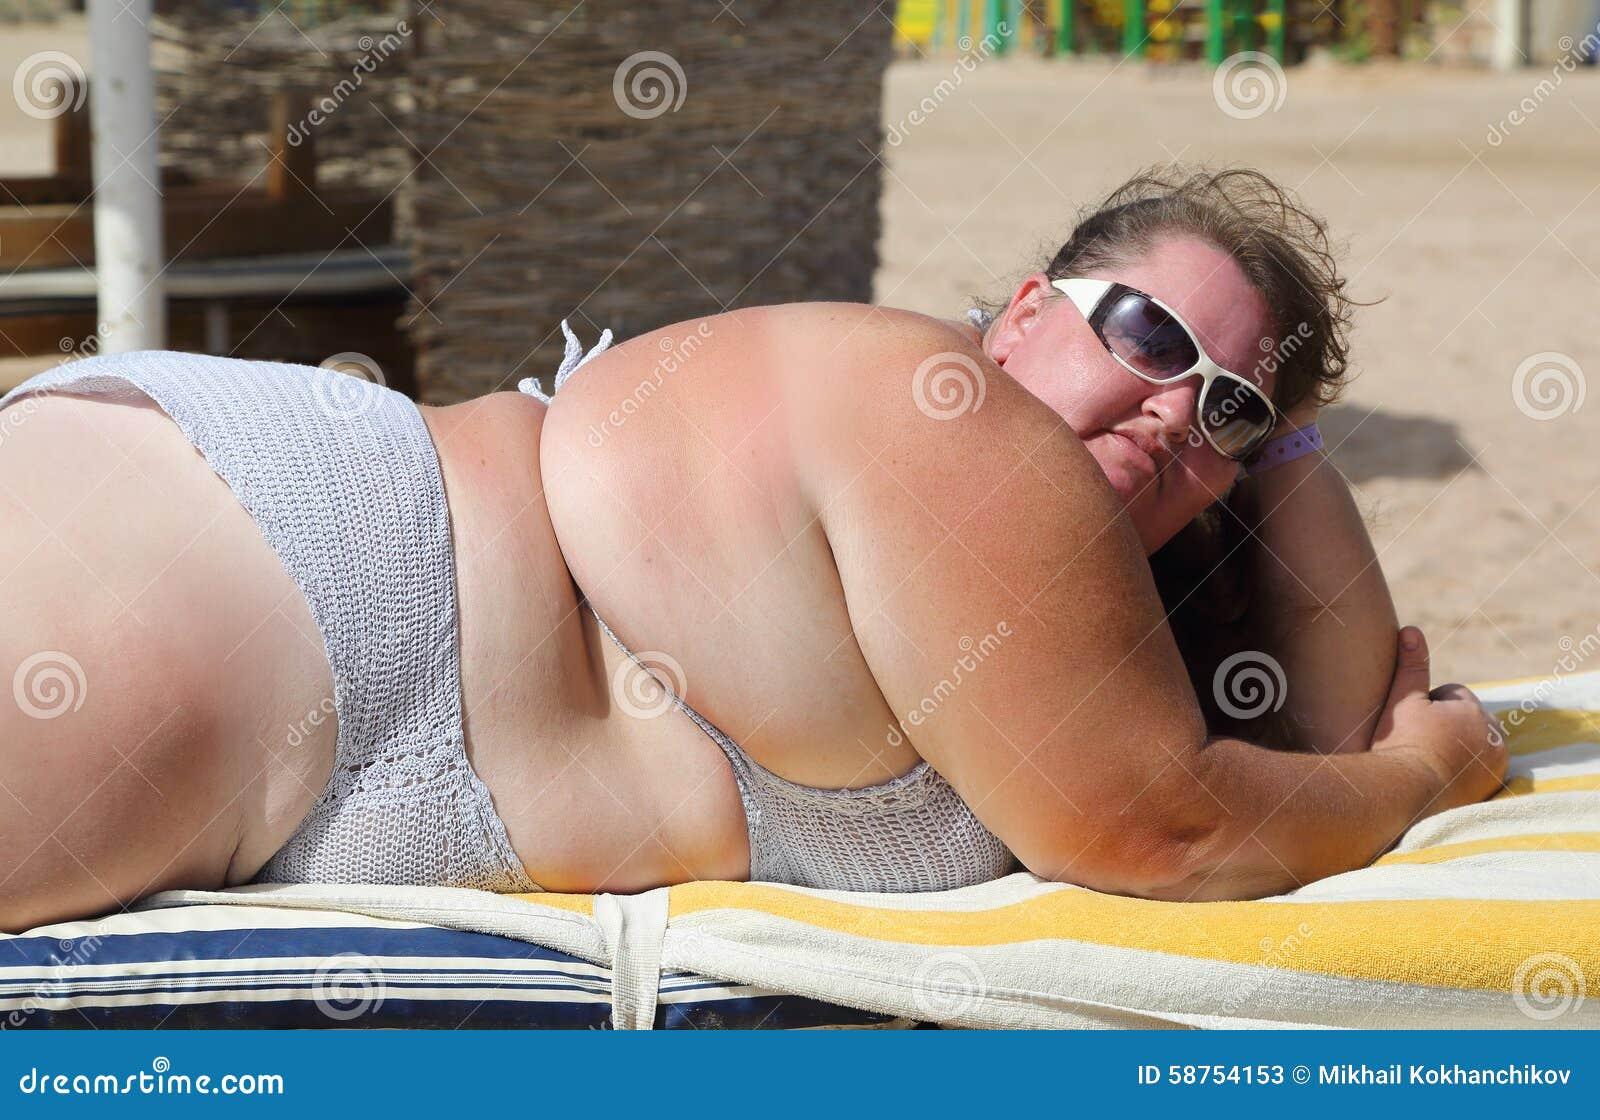 Пухлых дам ебут в жопу, толстую в жопу ебут: смотреть русское порно видео 20 фотография